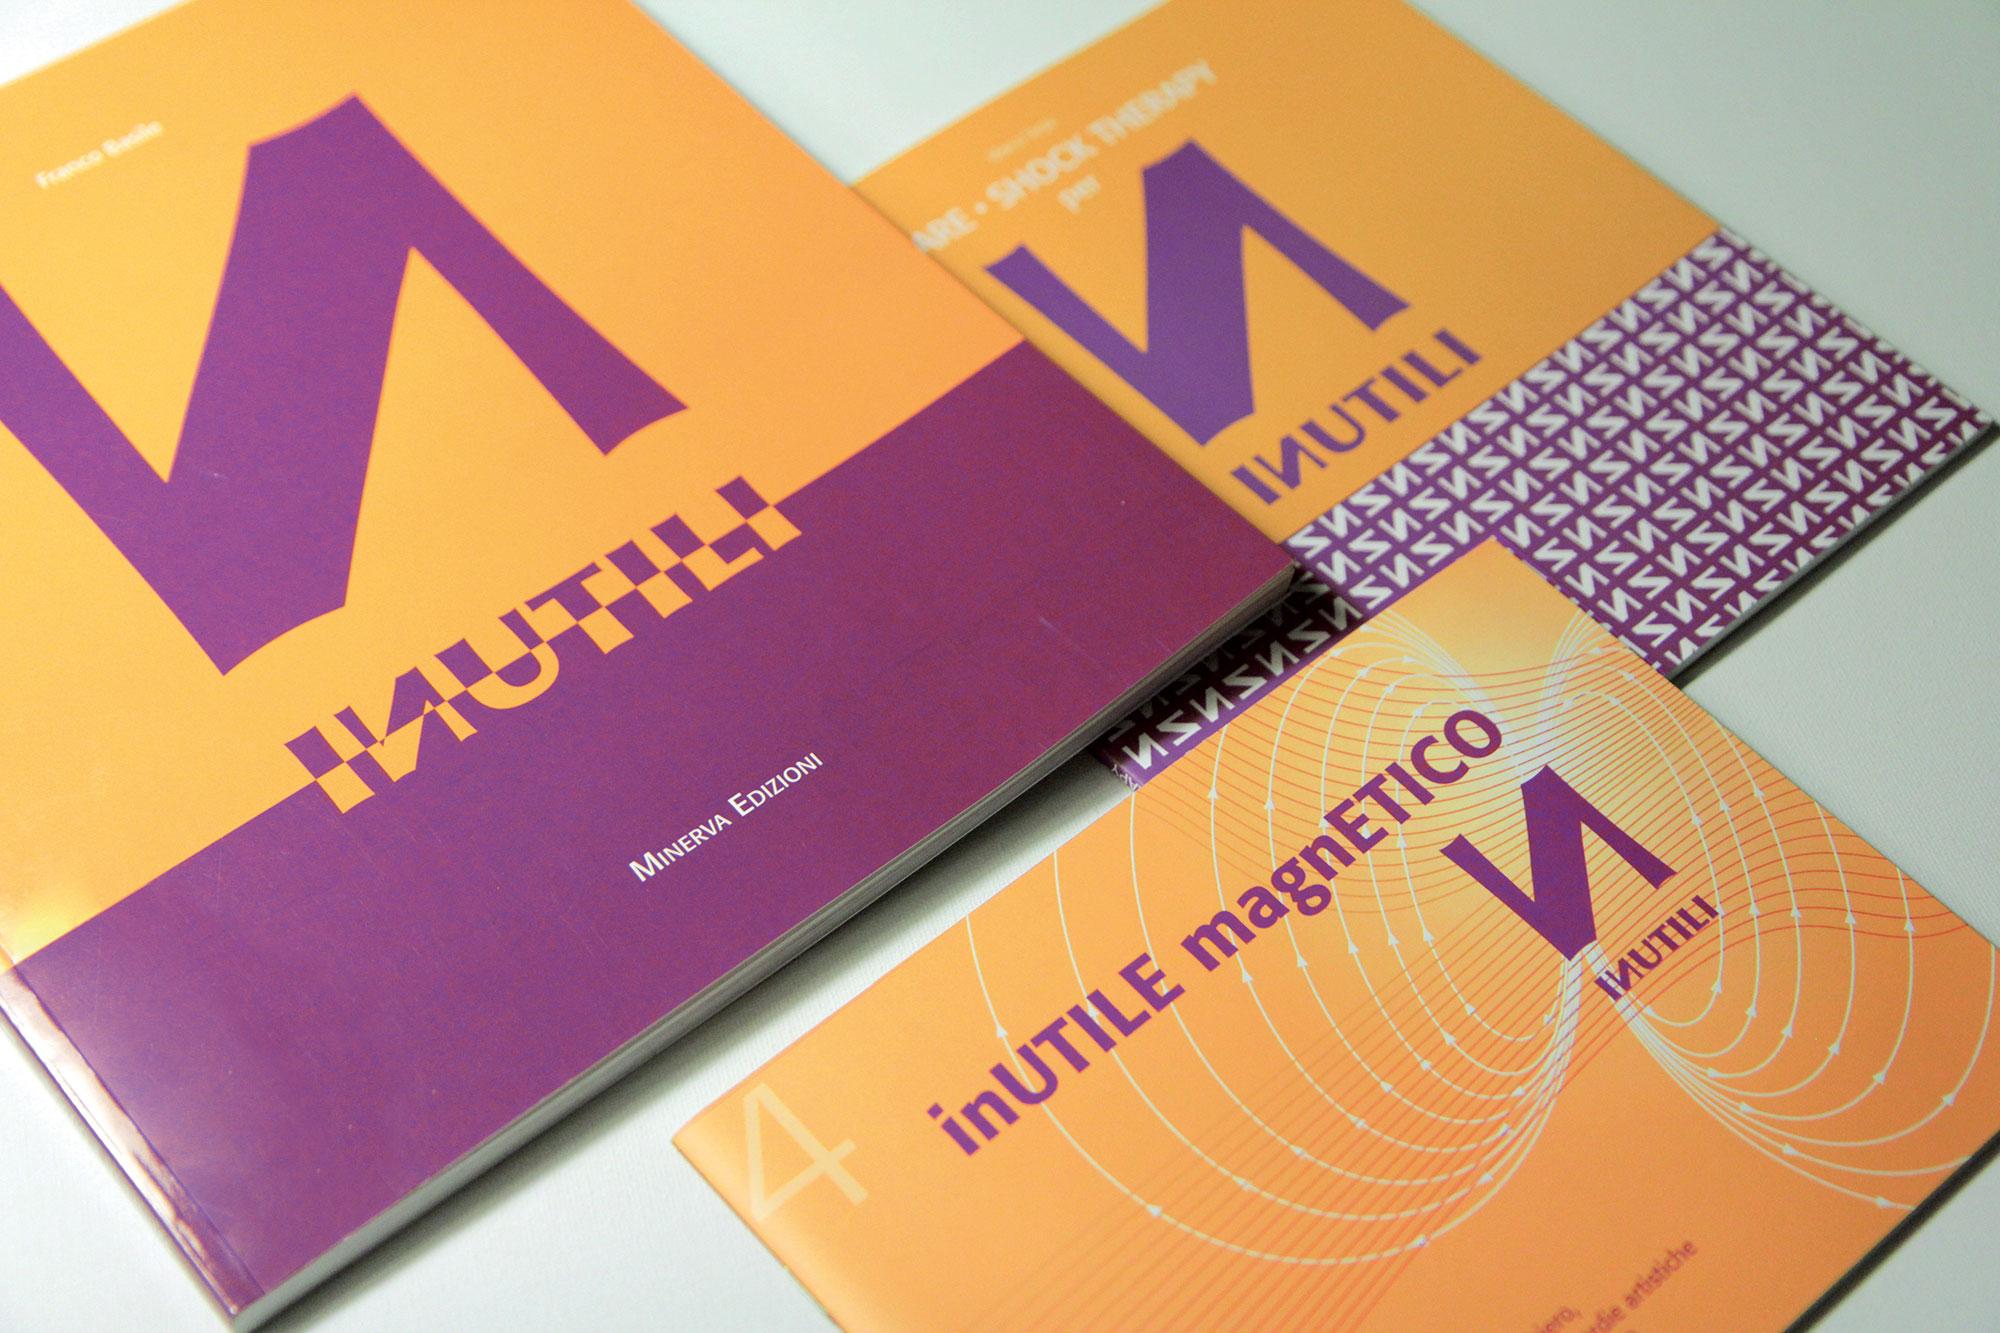 grafica-editoriale-free-lance-bologna-catalogo-d-arte-inutili